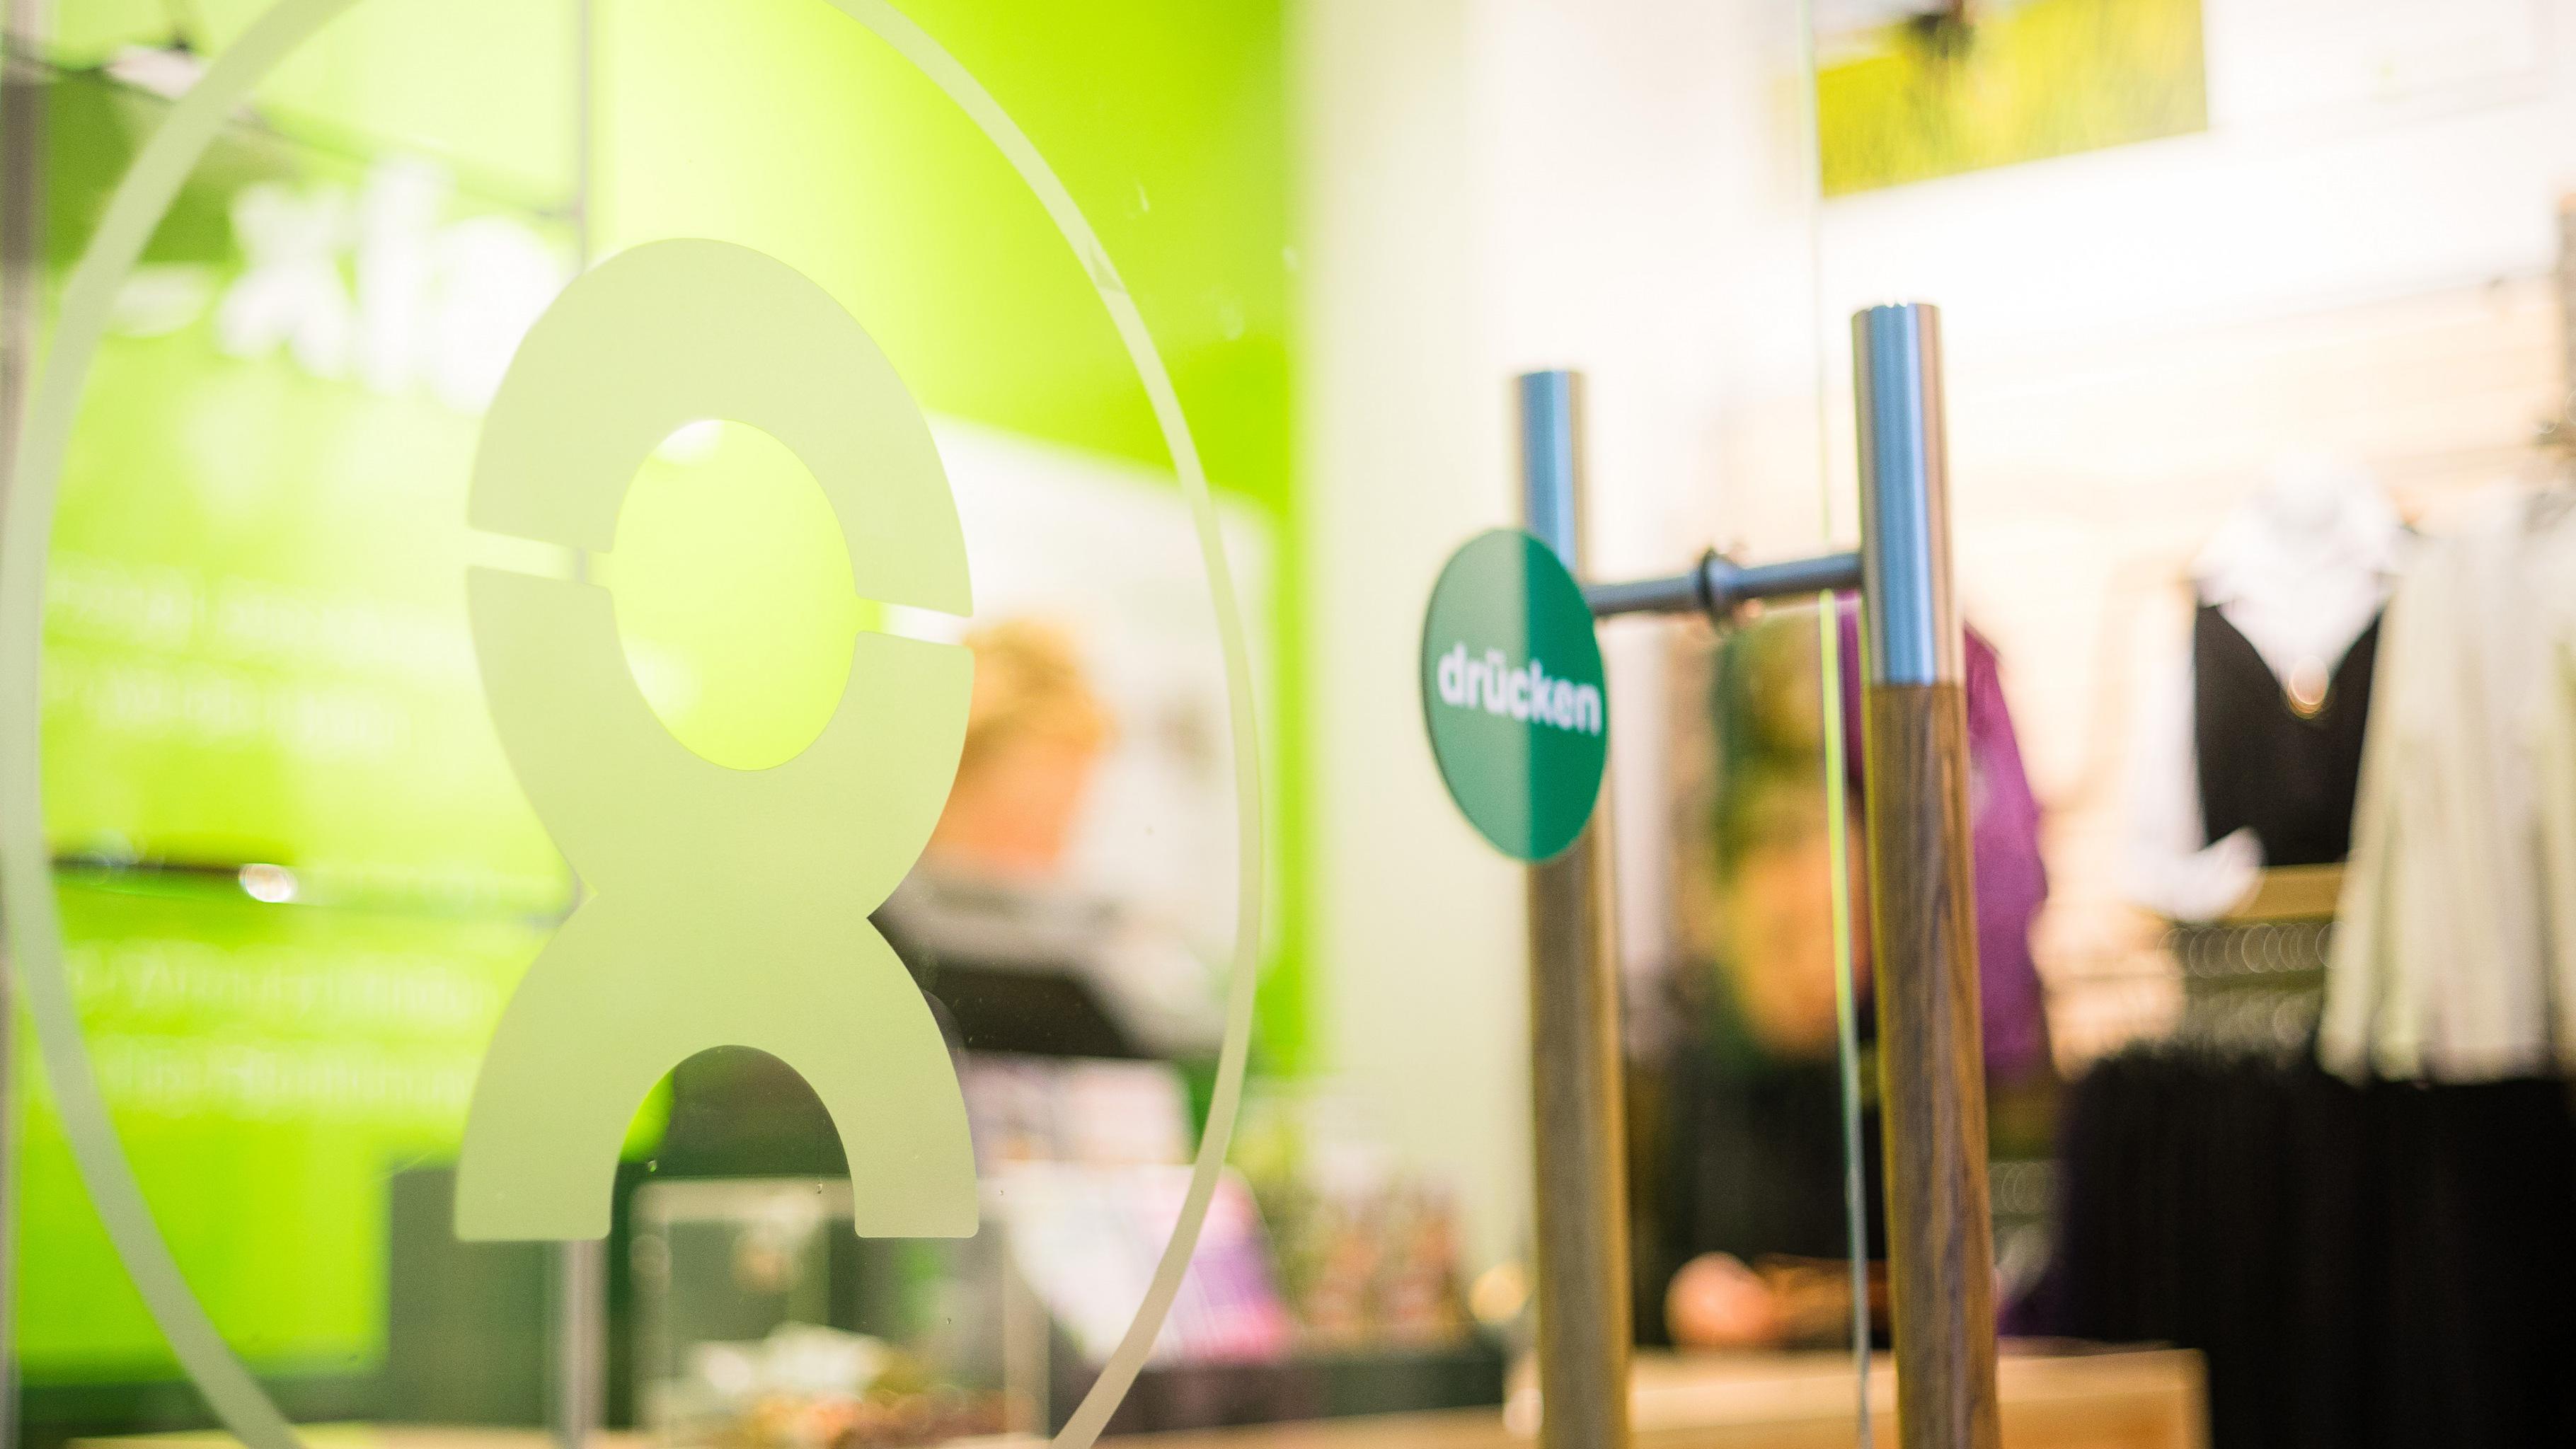 Hereinspaziert: Eingang eines Oxfam Shops